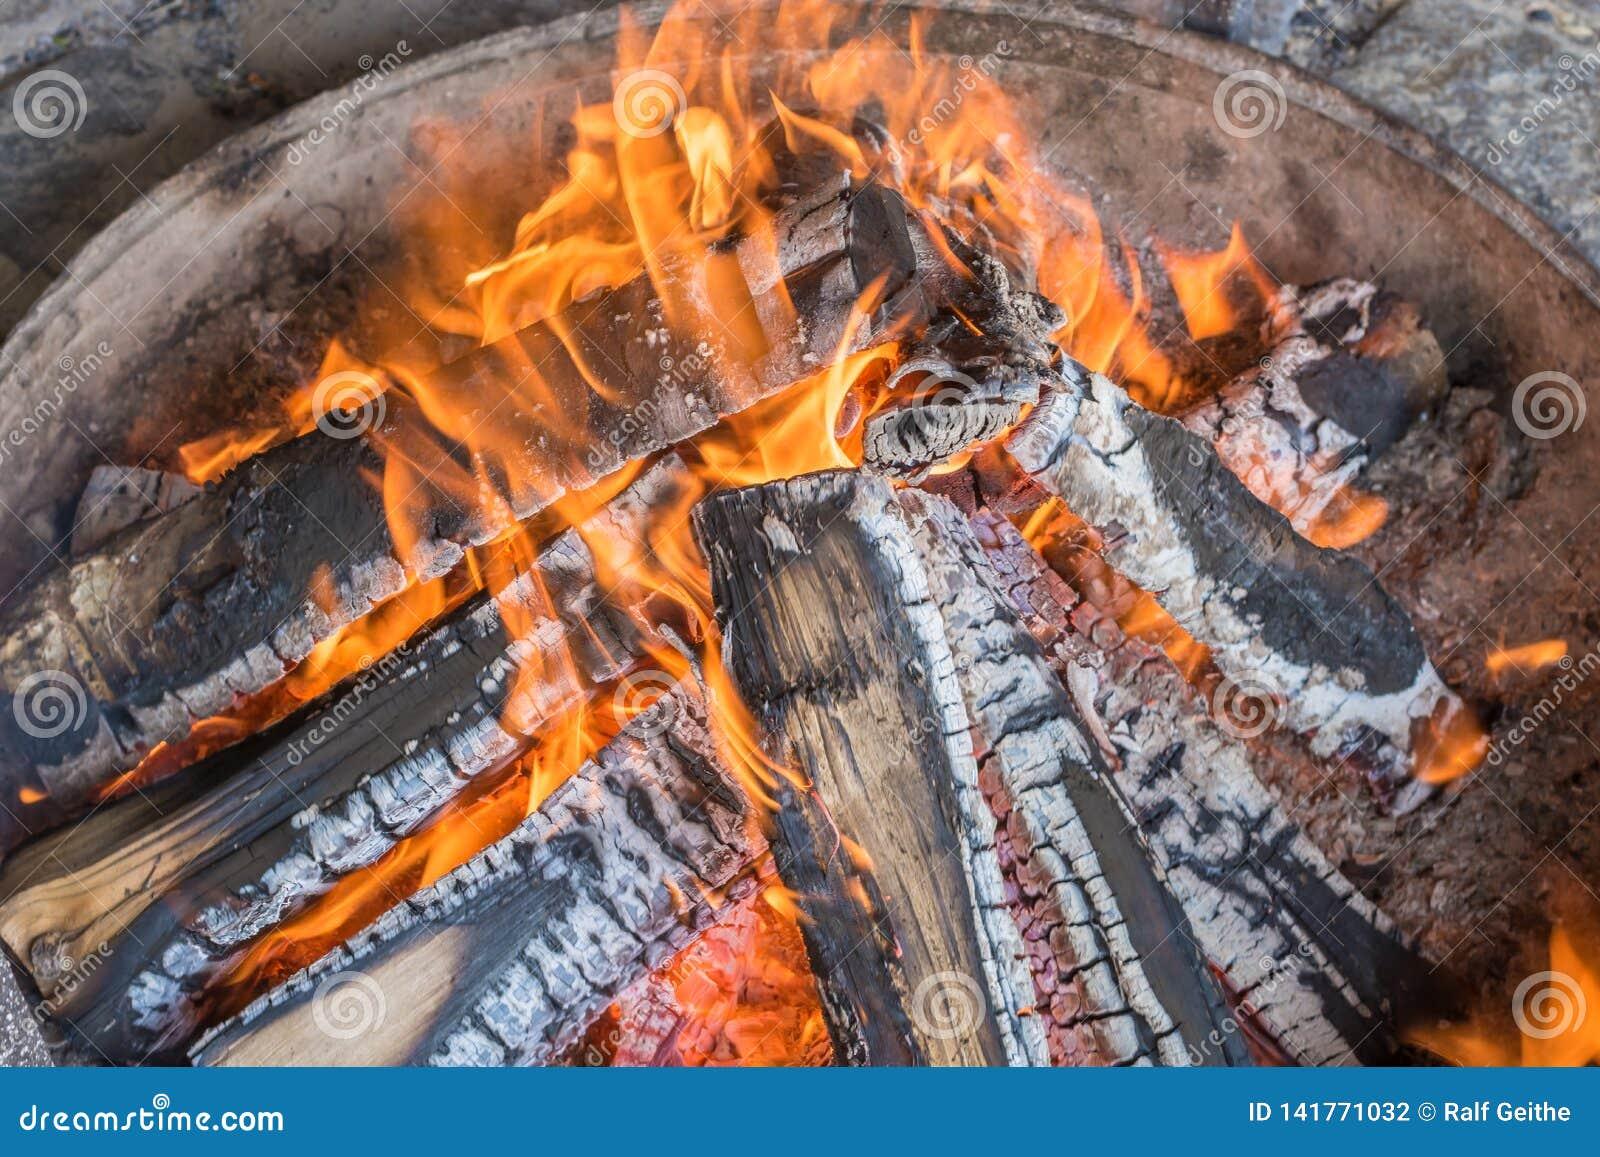 Romantyczny ognisko w pożarniczym pucharze